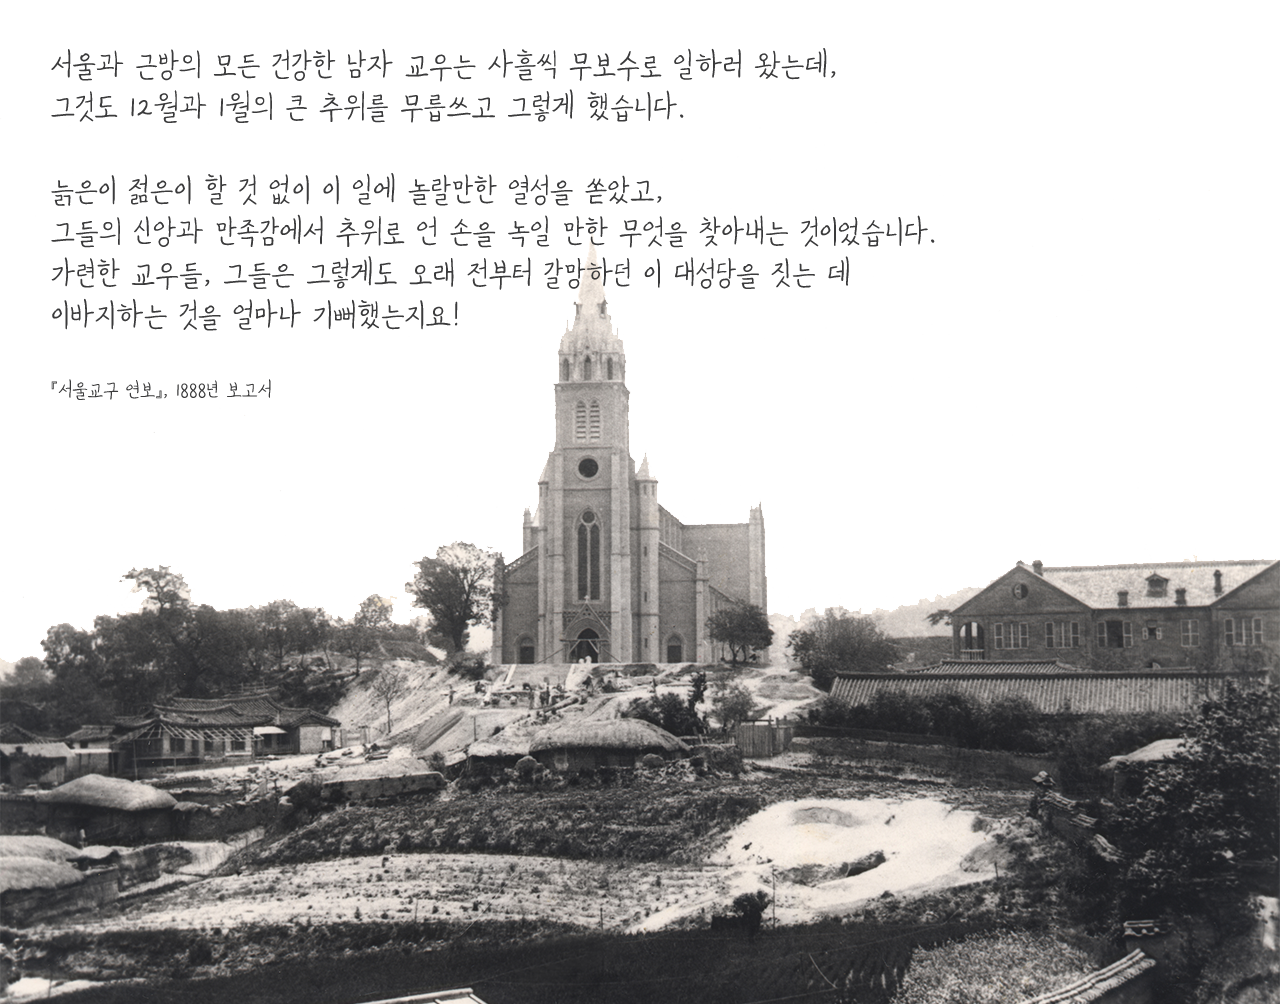 1898년 완공 직후명동성당의 모습. 사적조선시대 초기 천주교 신자들이 모여 천주학을 공부하던 명례방의 위치에 세워진 명동성당. 현재사적 제258호로 지정되어 있으며 1839년 순교한 앵베르 주교, 모방 신부, 샤스탕 신부의 유해가 모셔져 있다.